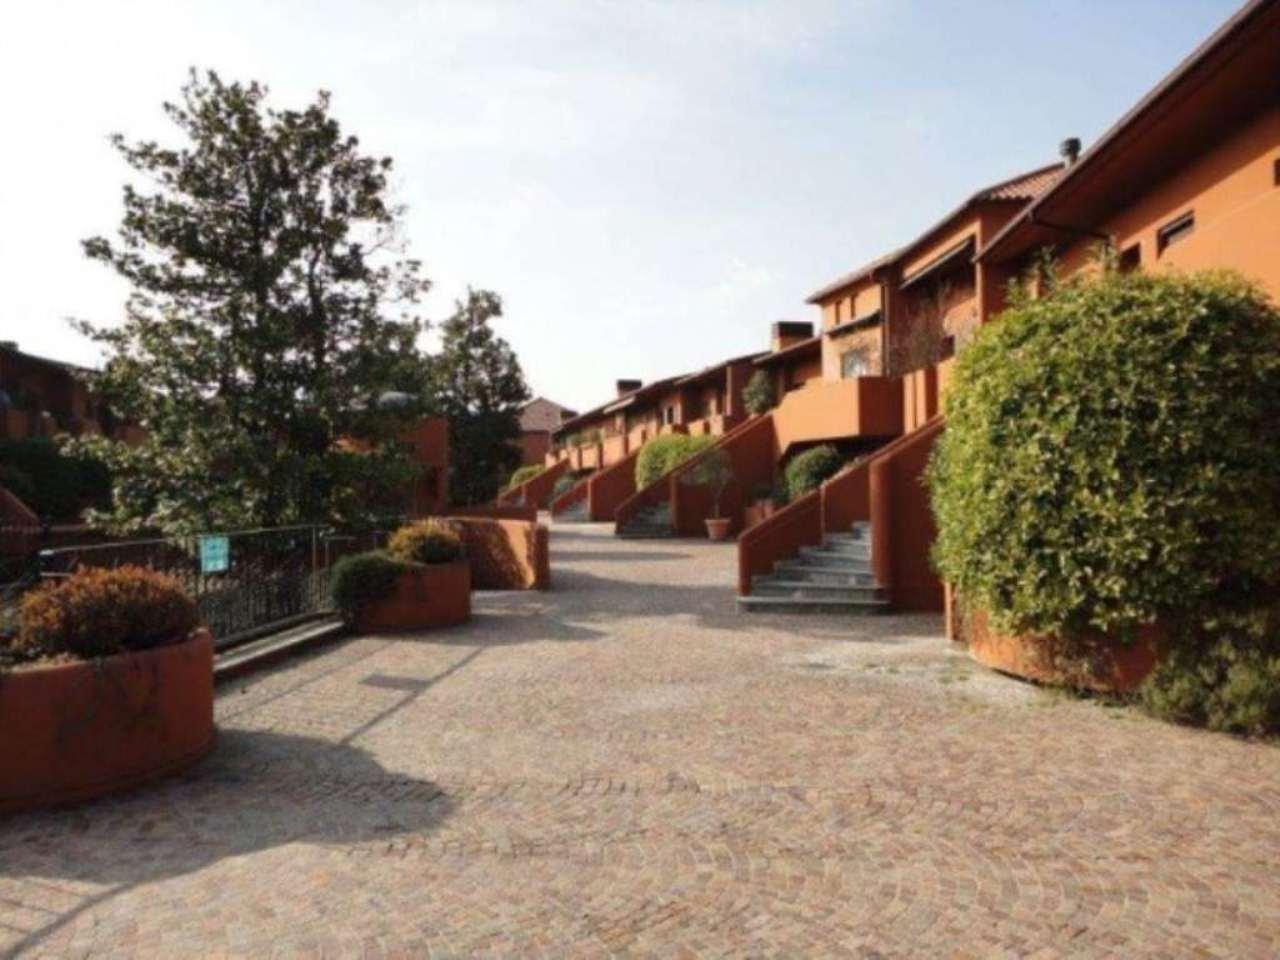 Appartamento in vendita a Cassina Rizzardi, 6 locali, Trattative riservate | Cambio Casa.it